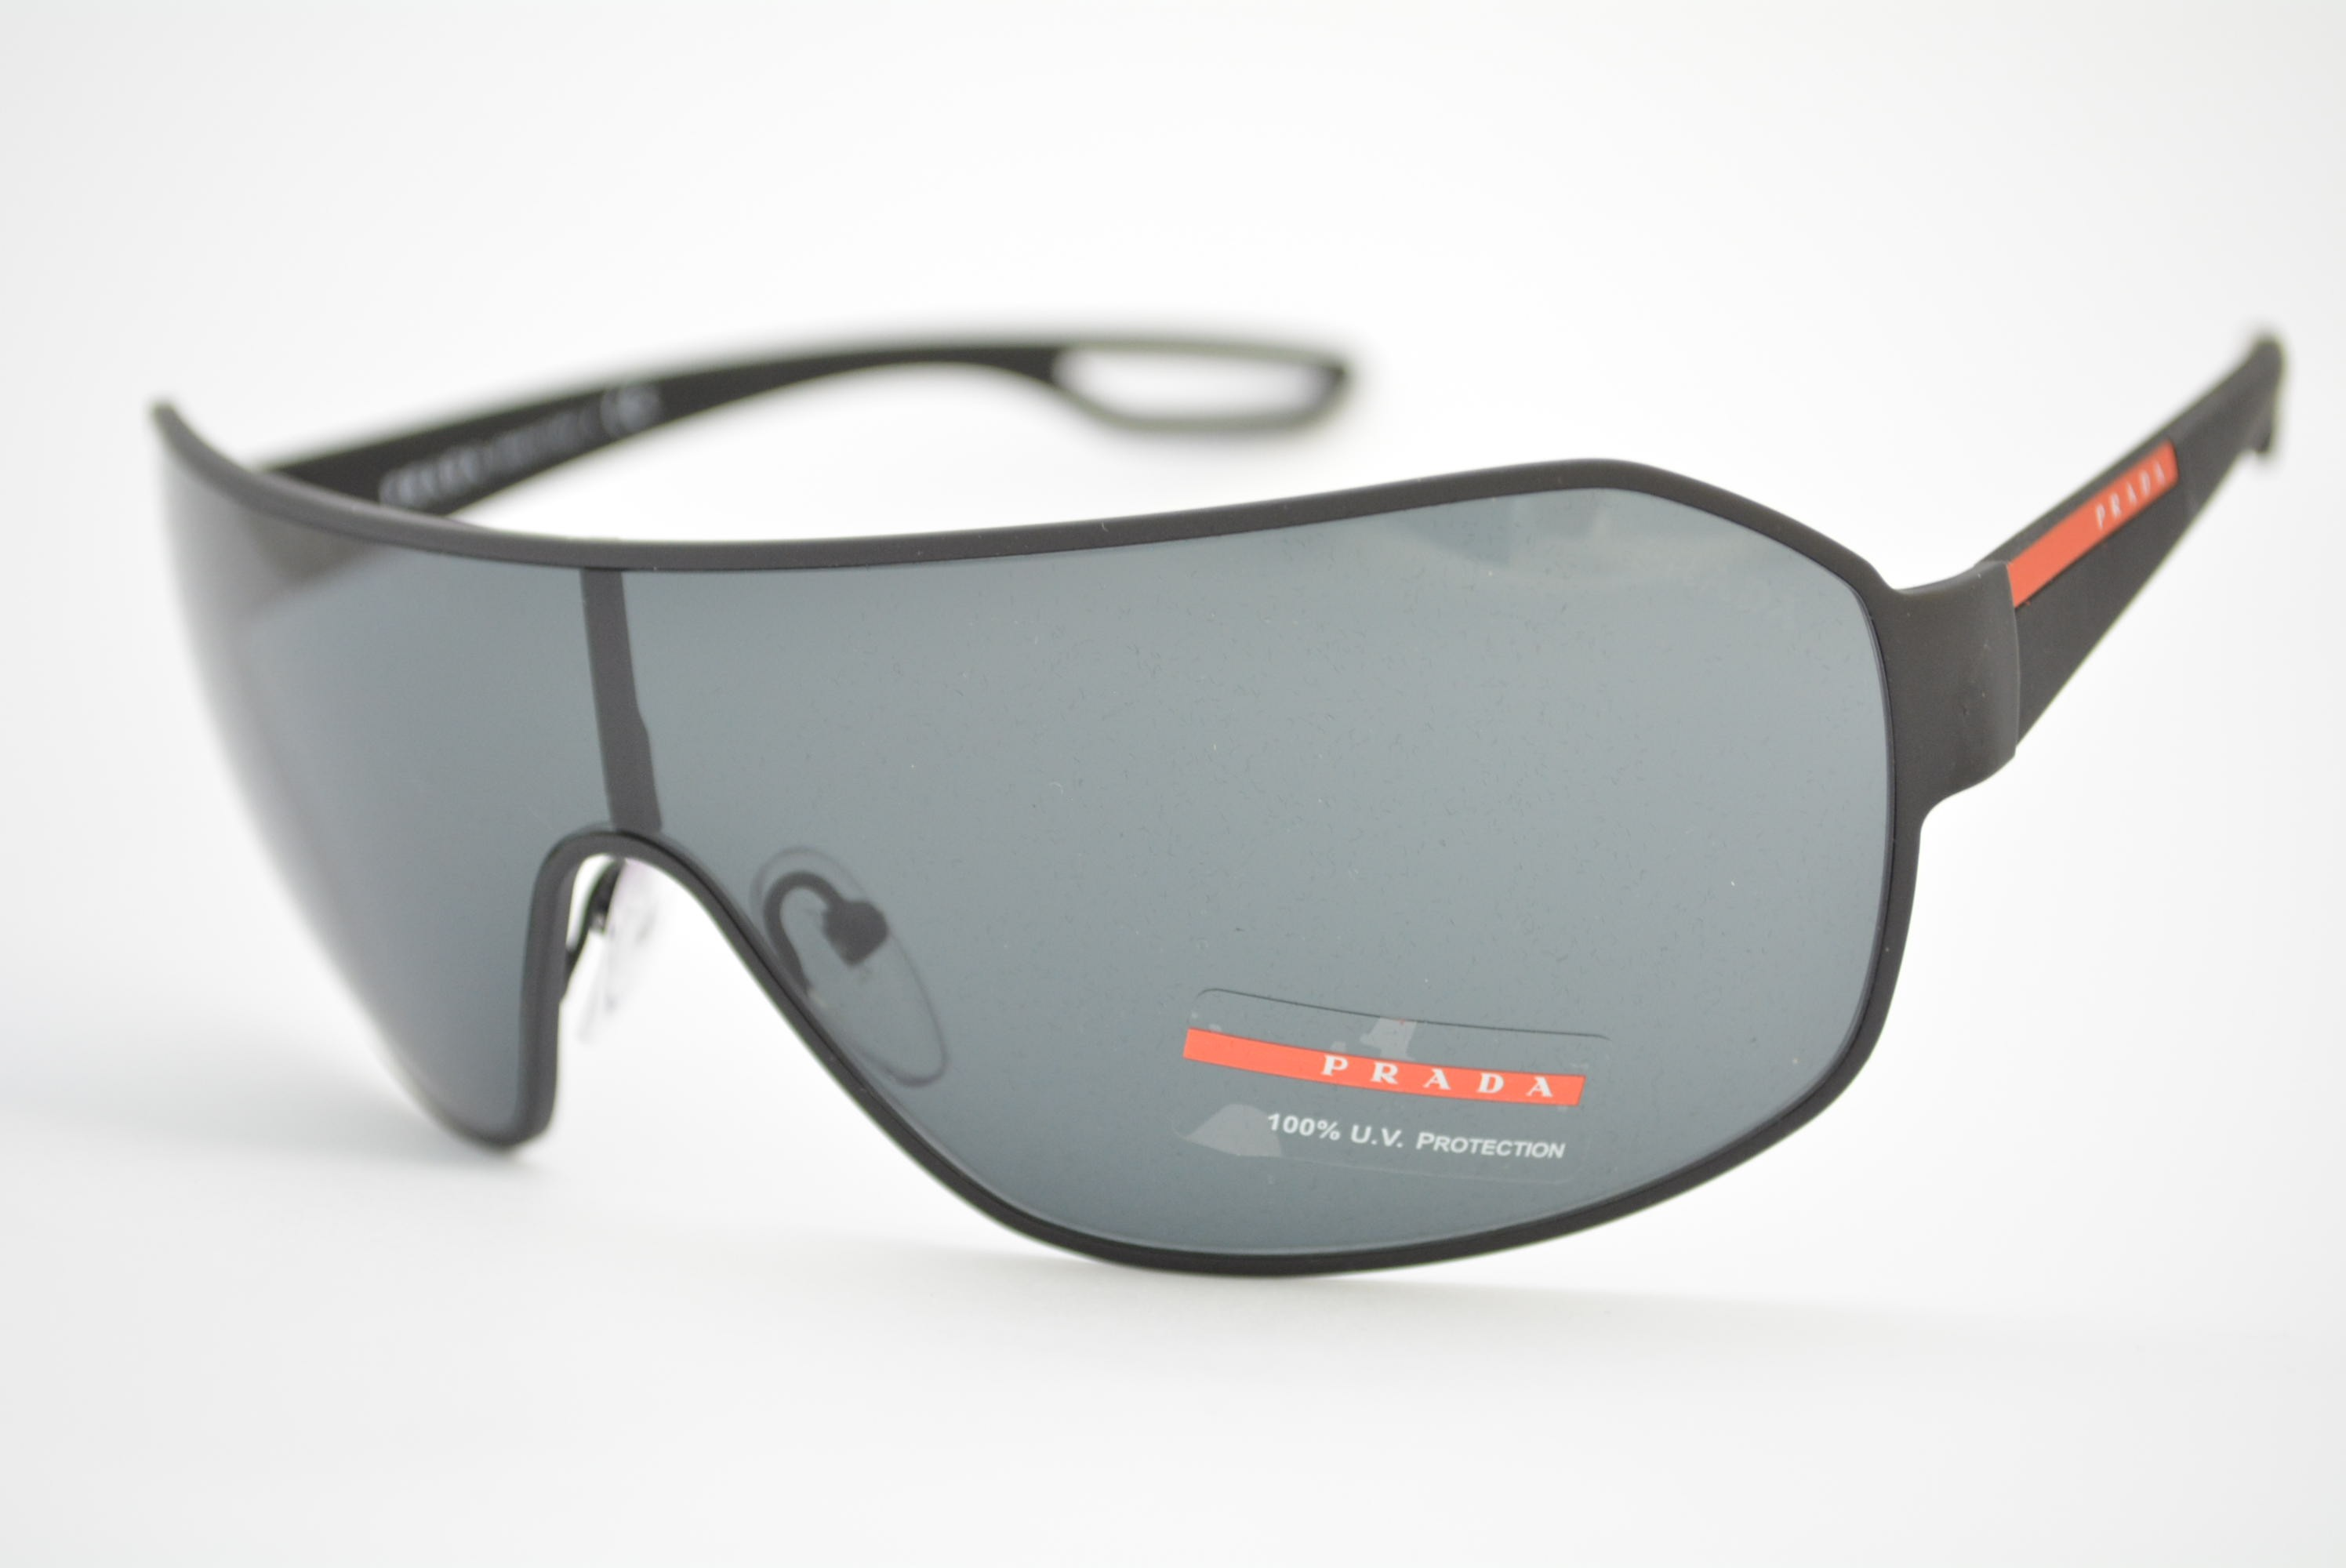 af24bfddafbcf óculos de sol Prada Linea Rossa mod sps52Q DG0-1A1 Ótica Cardoso